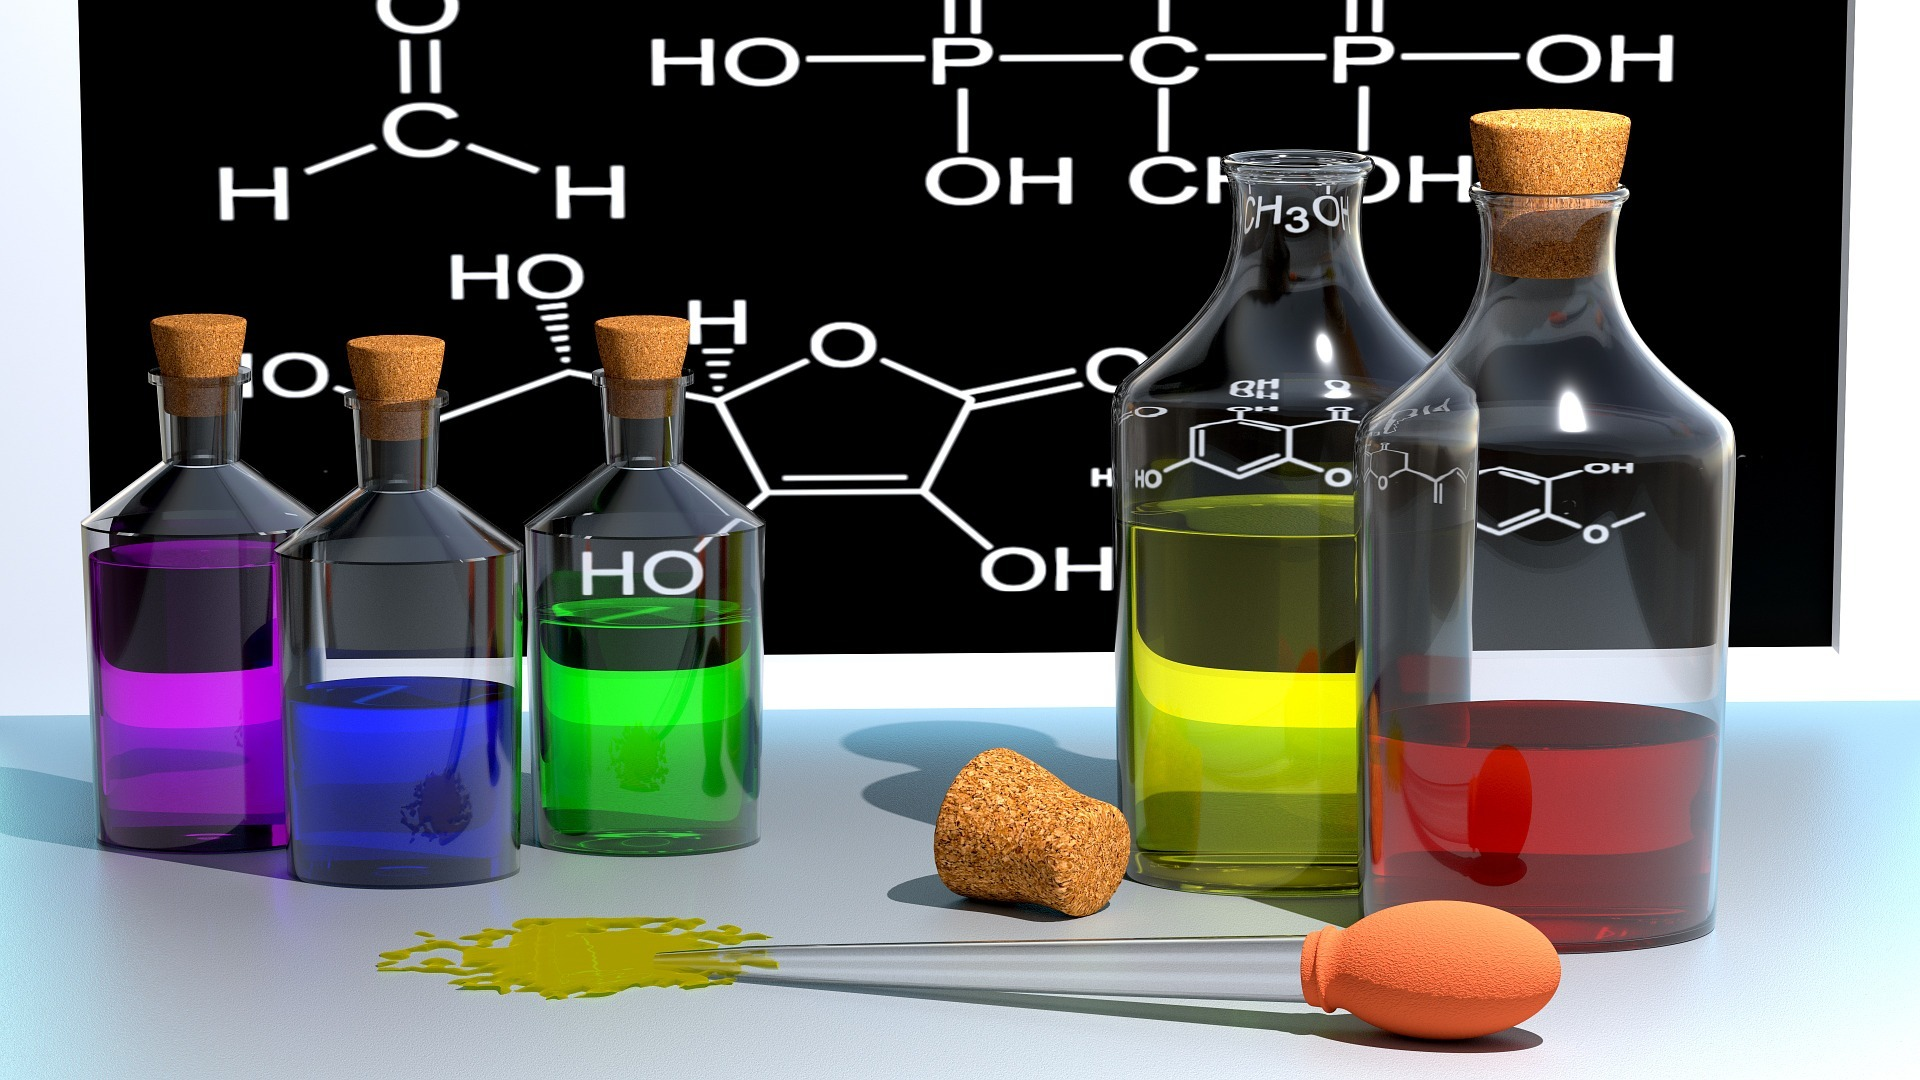 Искусственный интеллект без знаний по химии переоткрыл таблицу Менделеева и подсказал учёным новые перспективные материалы, проанализировав 3,3 миллиона аннотаций научных трудов